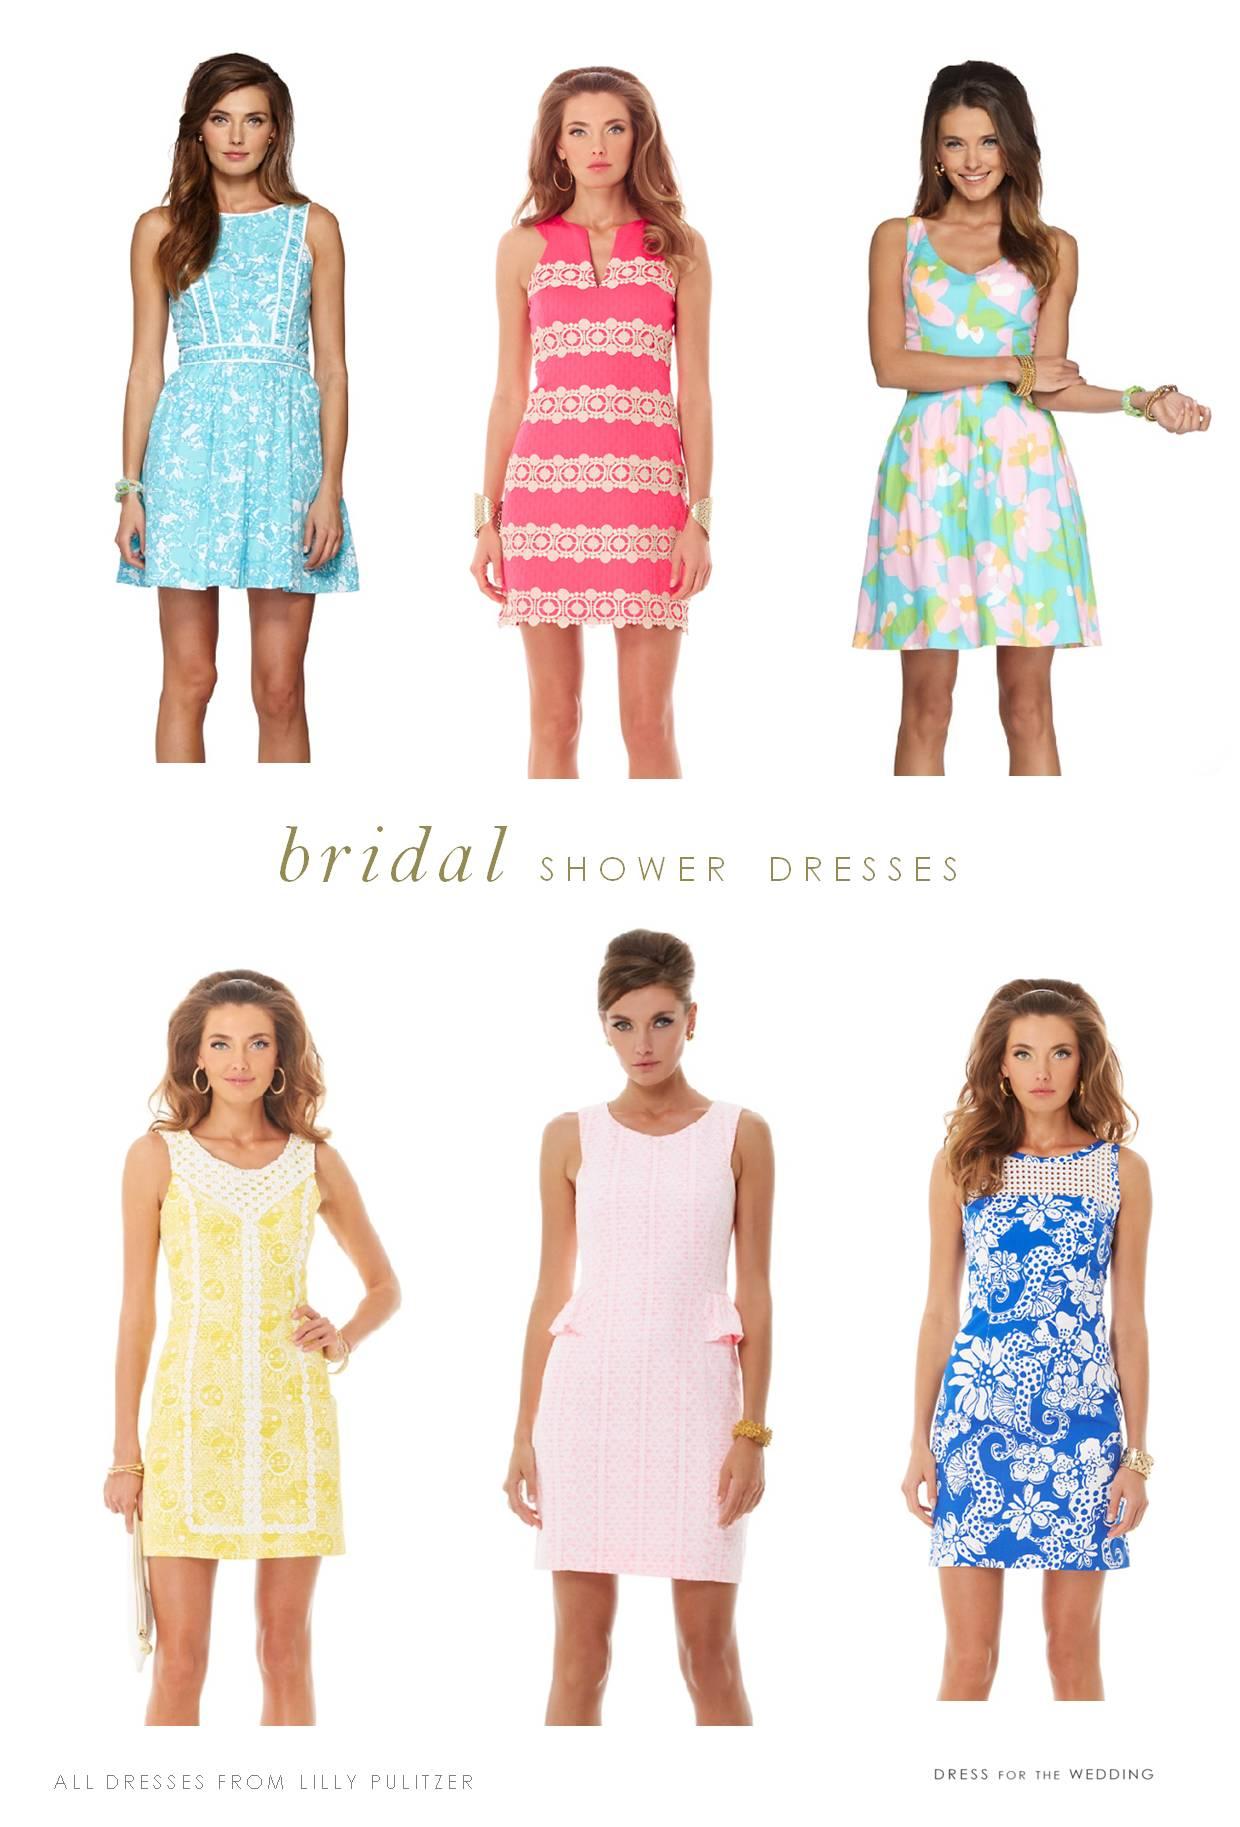 Bridal Shower Dresses Dresses for a Bridal Shower